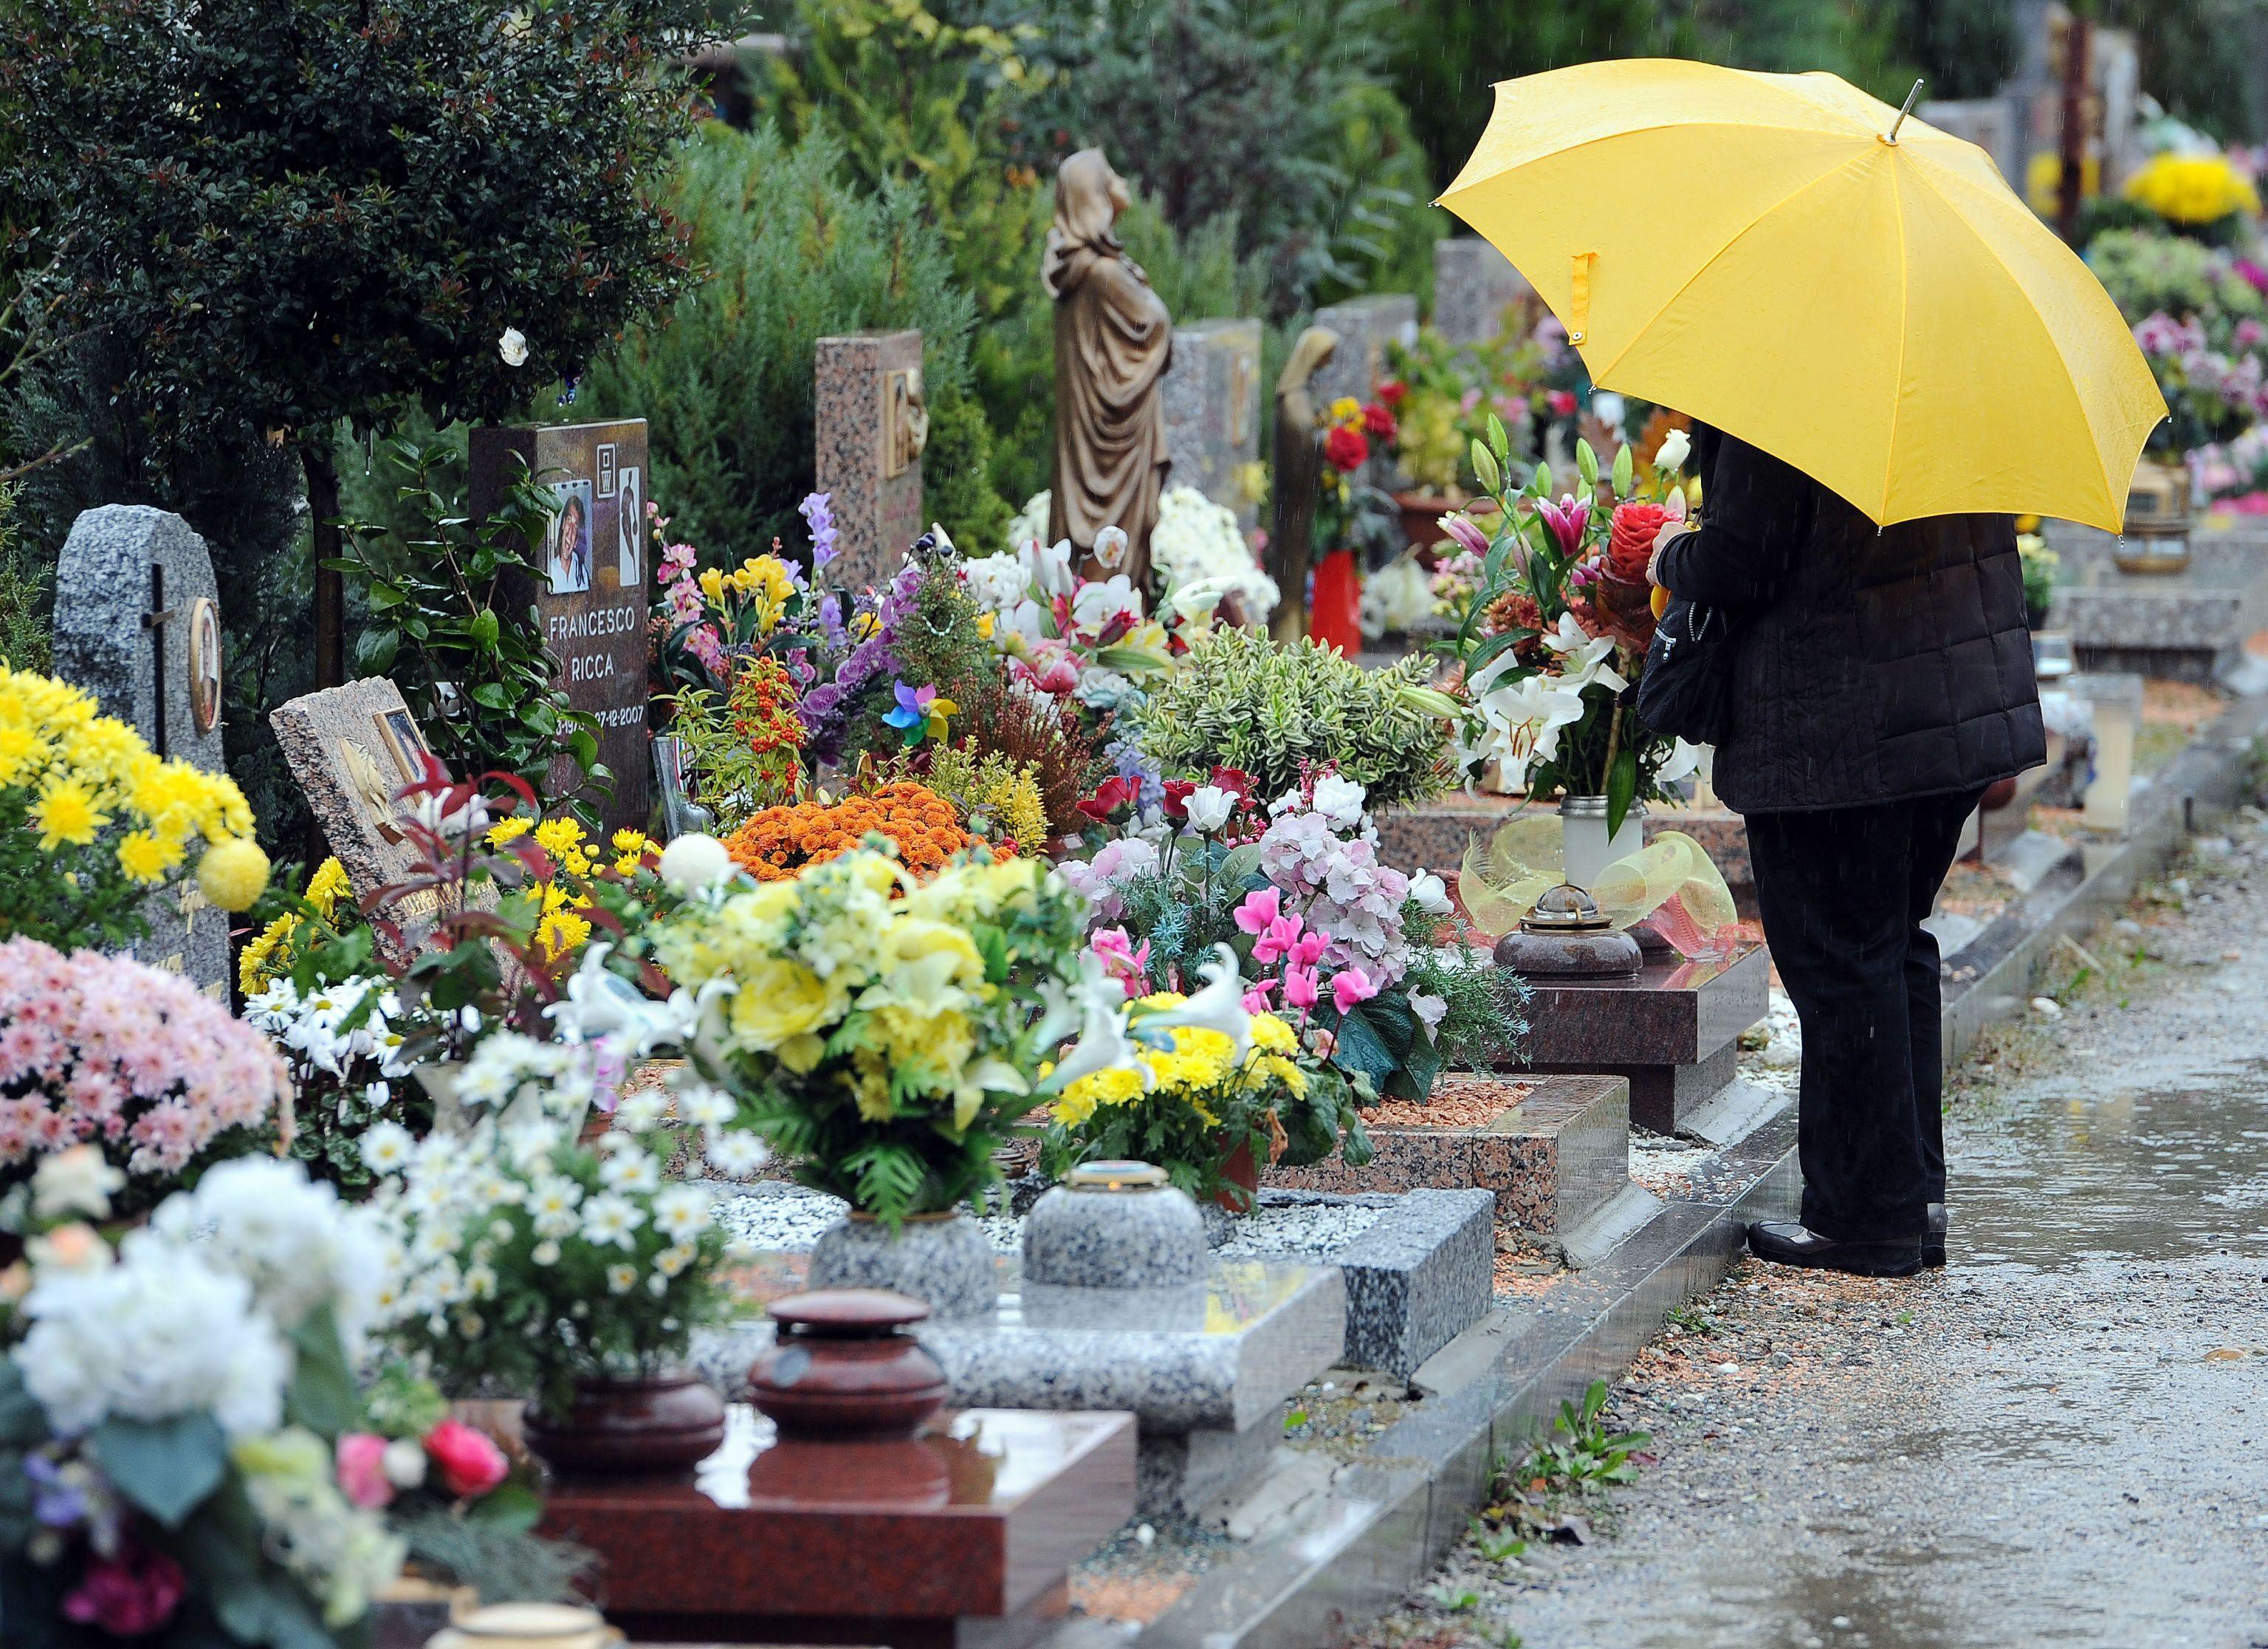 Muore sulla tomba della figlia nel giorno di Pasqua